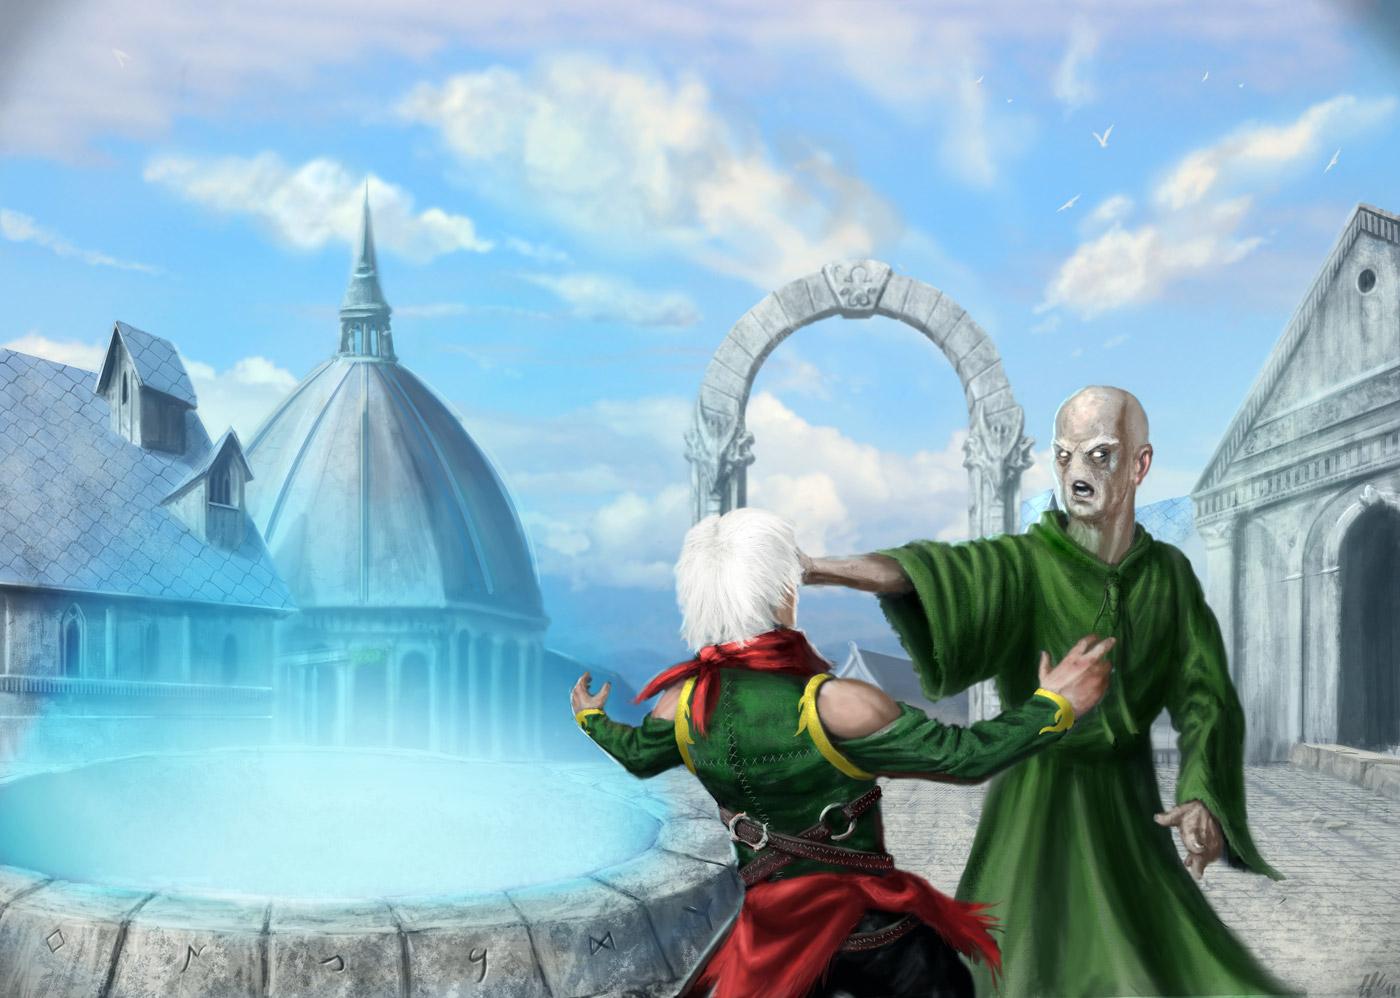 Immagine ingresso - Illustrazione fantasy tratta da Kiria - Le Cronache dei 5 Regni - Elvio Ravasio, autore di libri fantasy